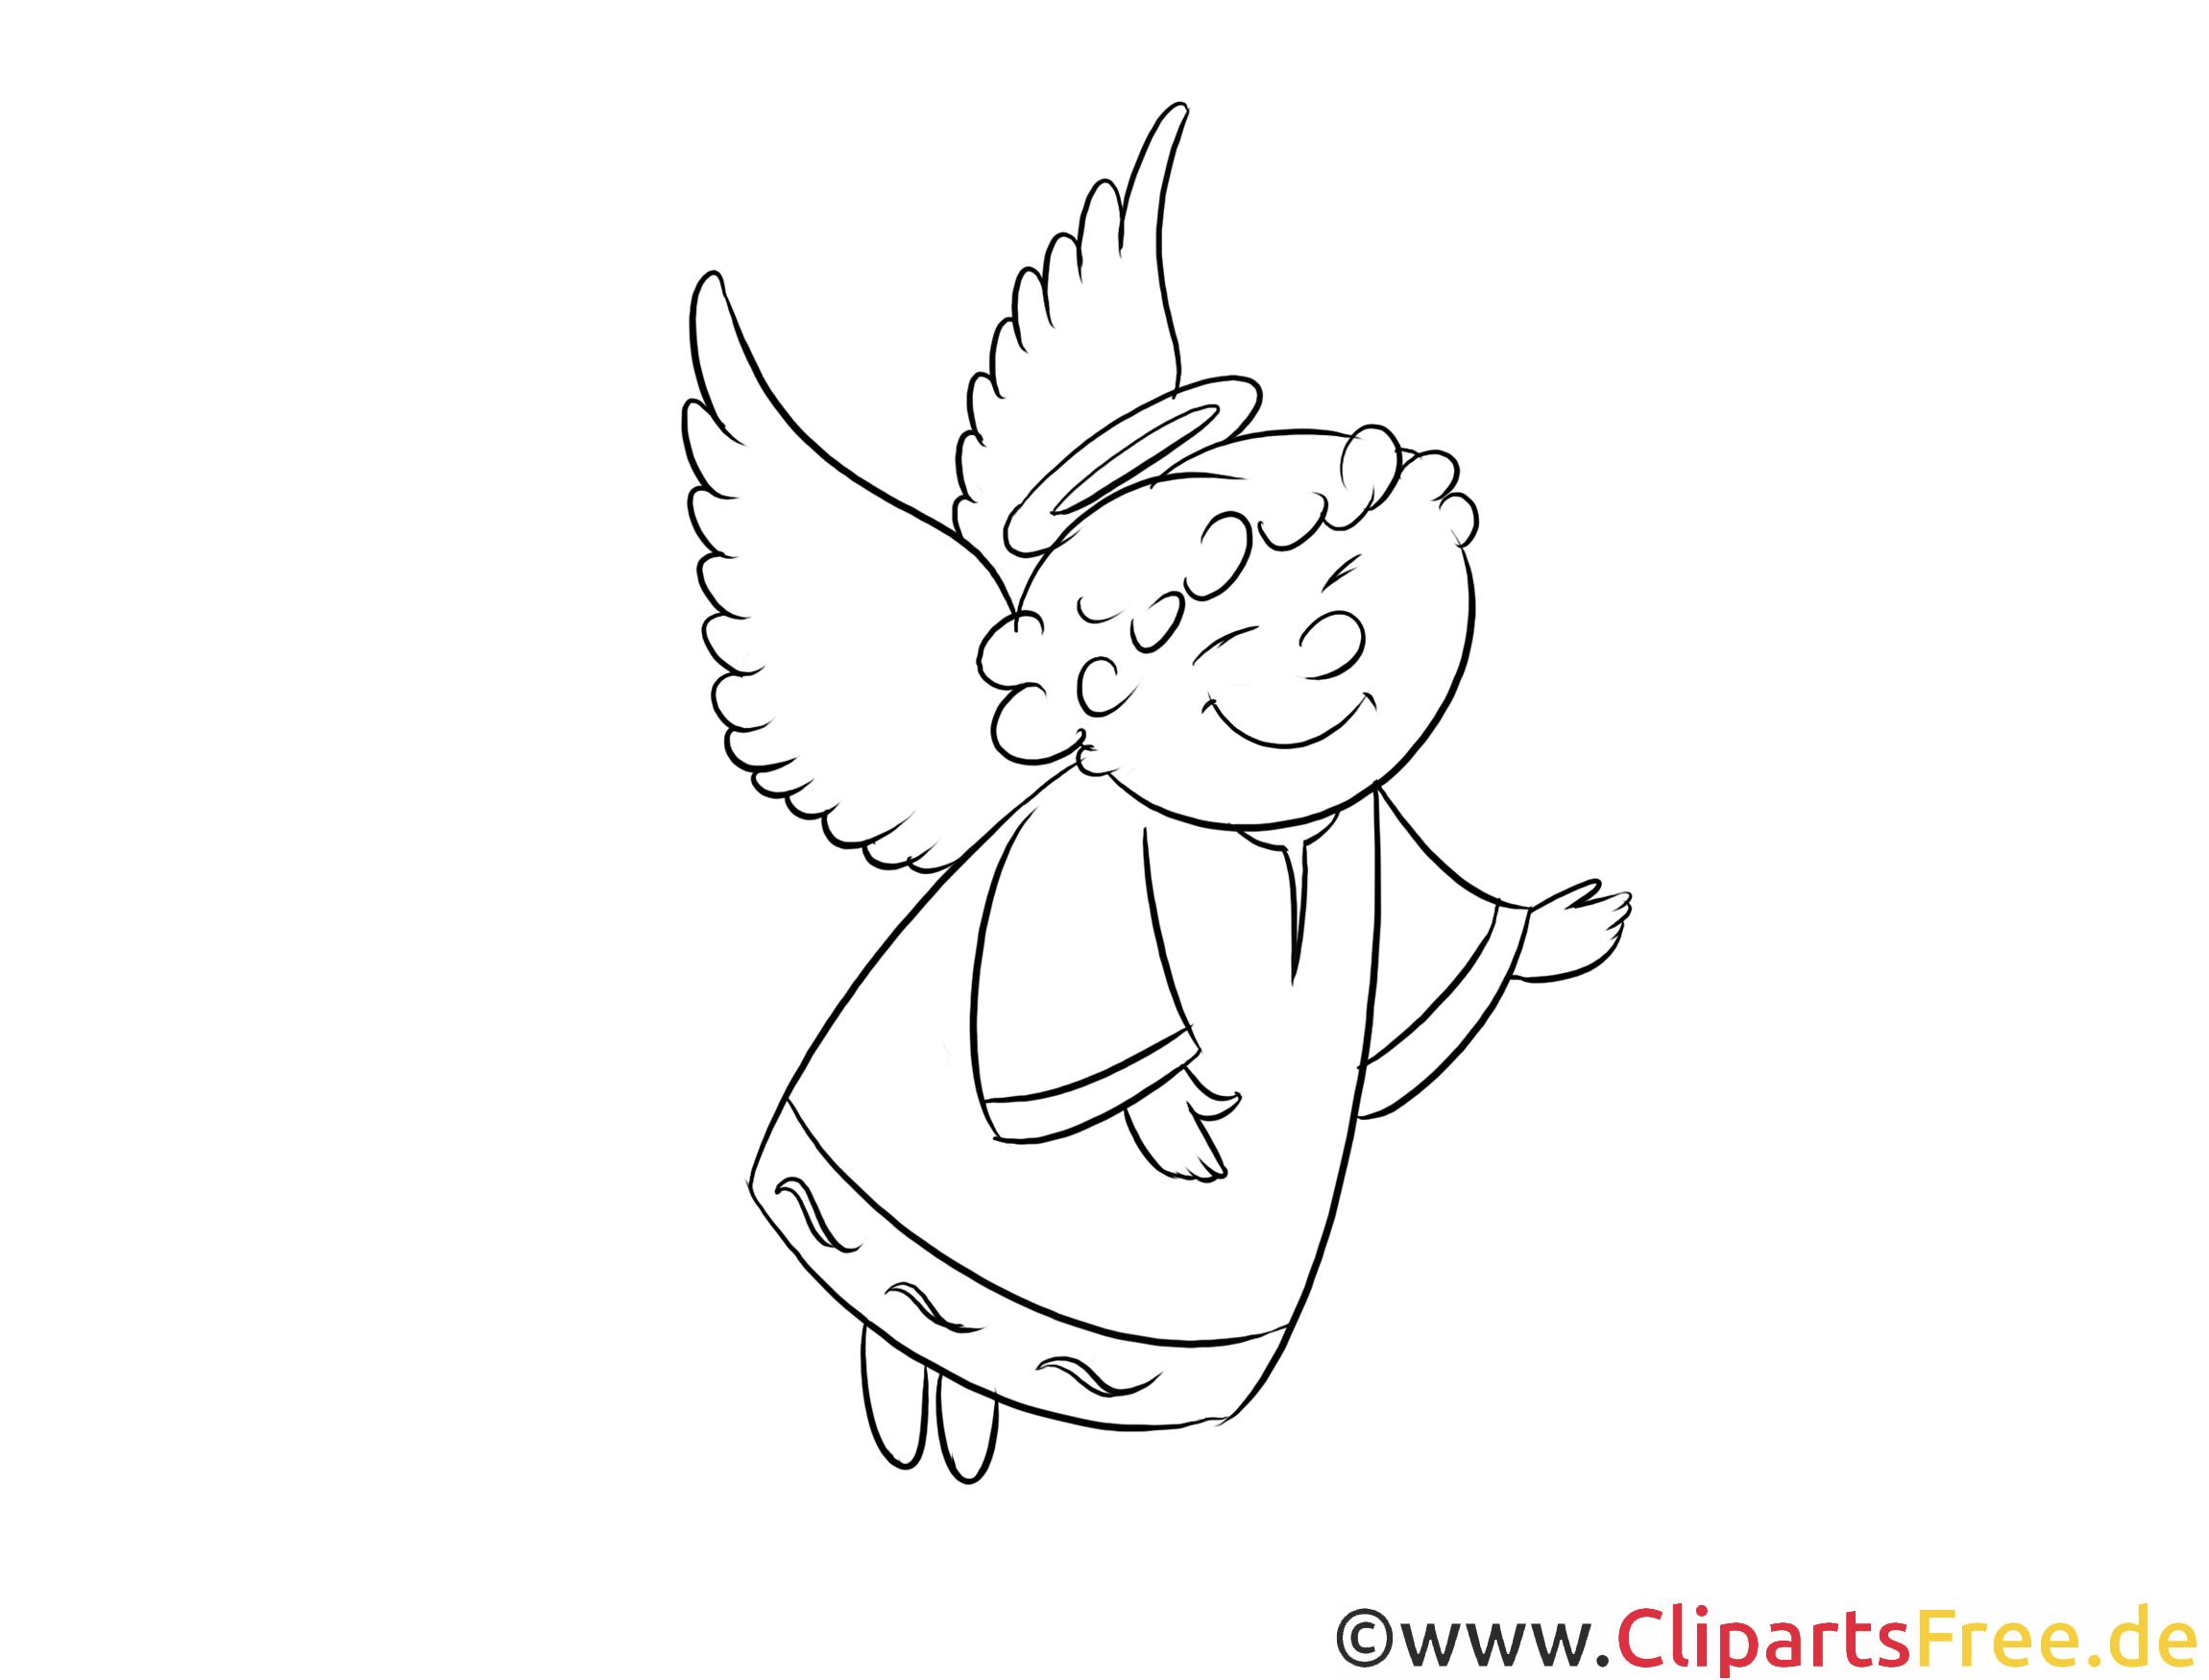 Schön Malvorlagen Engel Kostenlos - Art von Malvorlagen